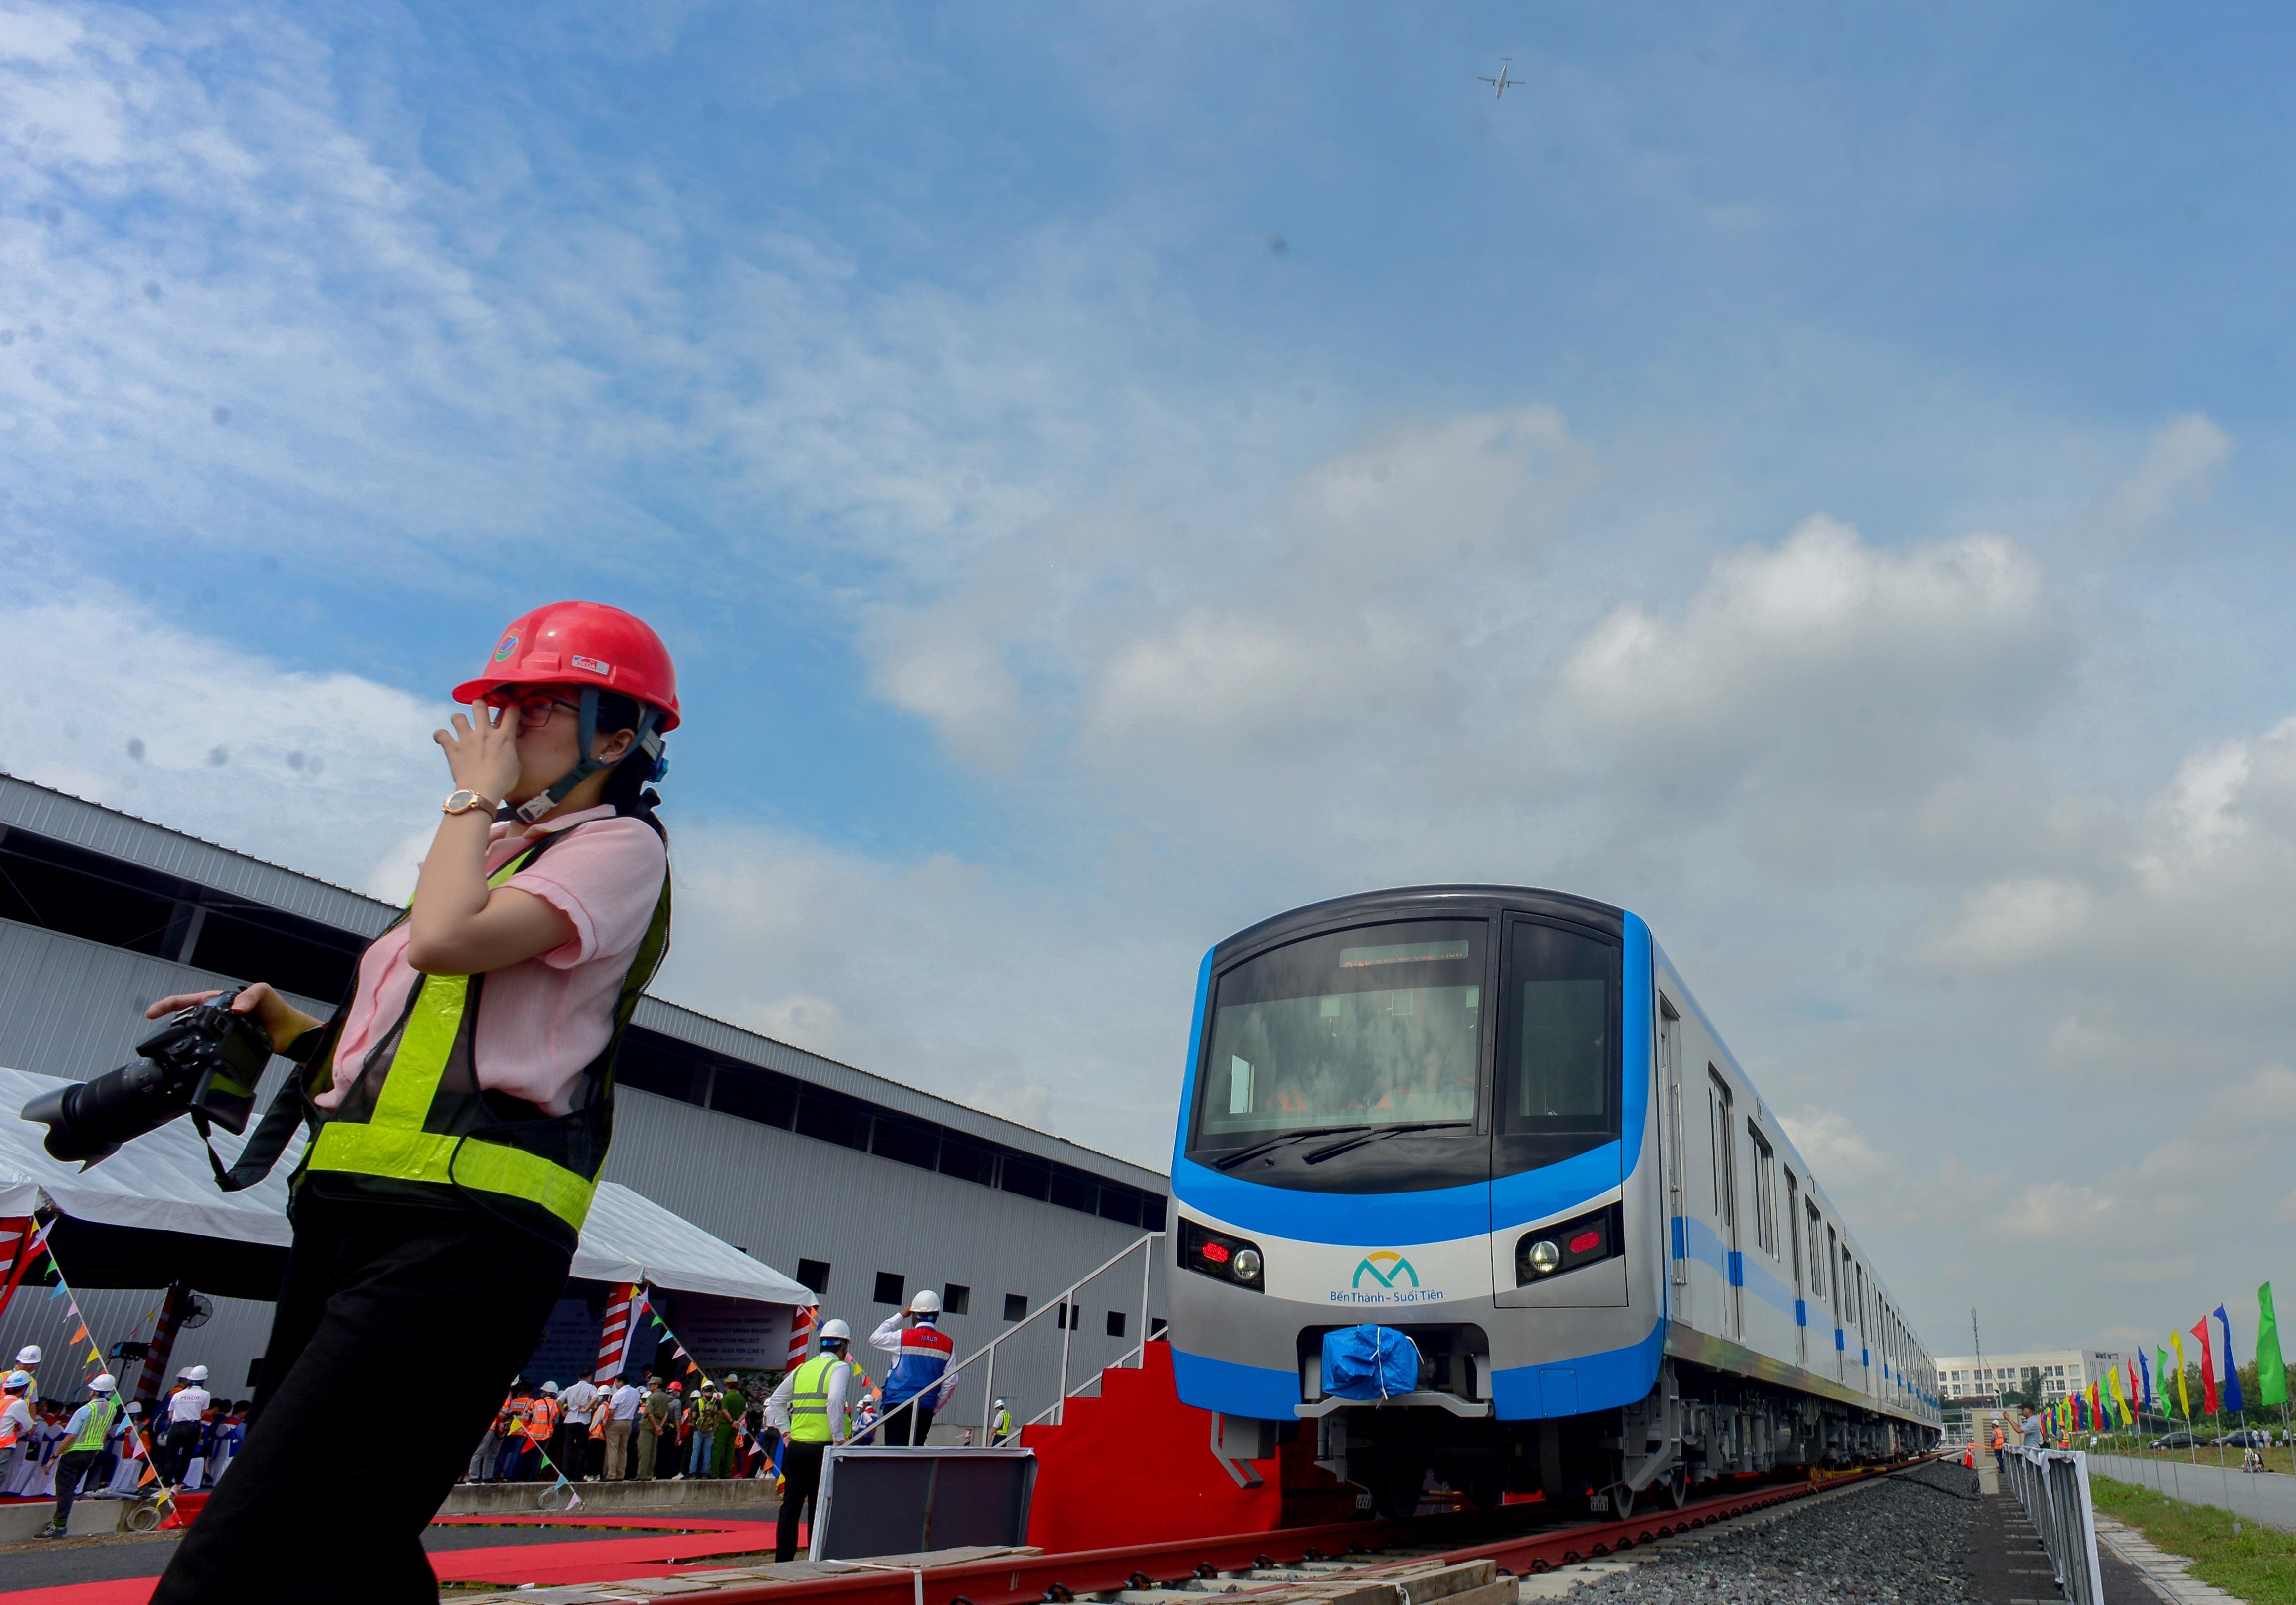 Khám phá nội thất tàu metro số 1 ở Sài Gòn